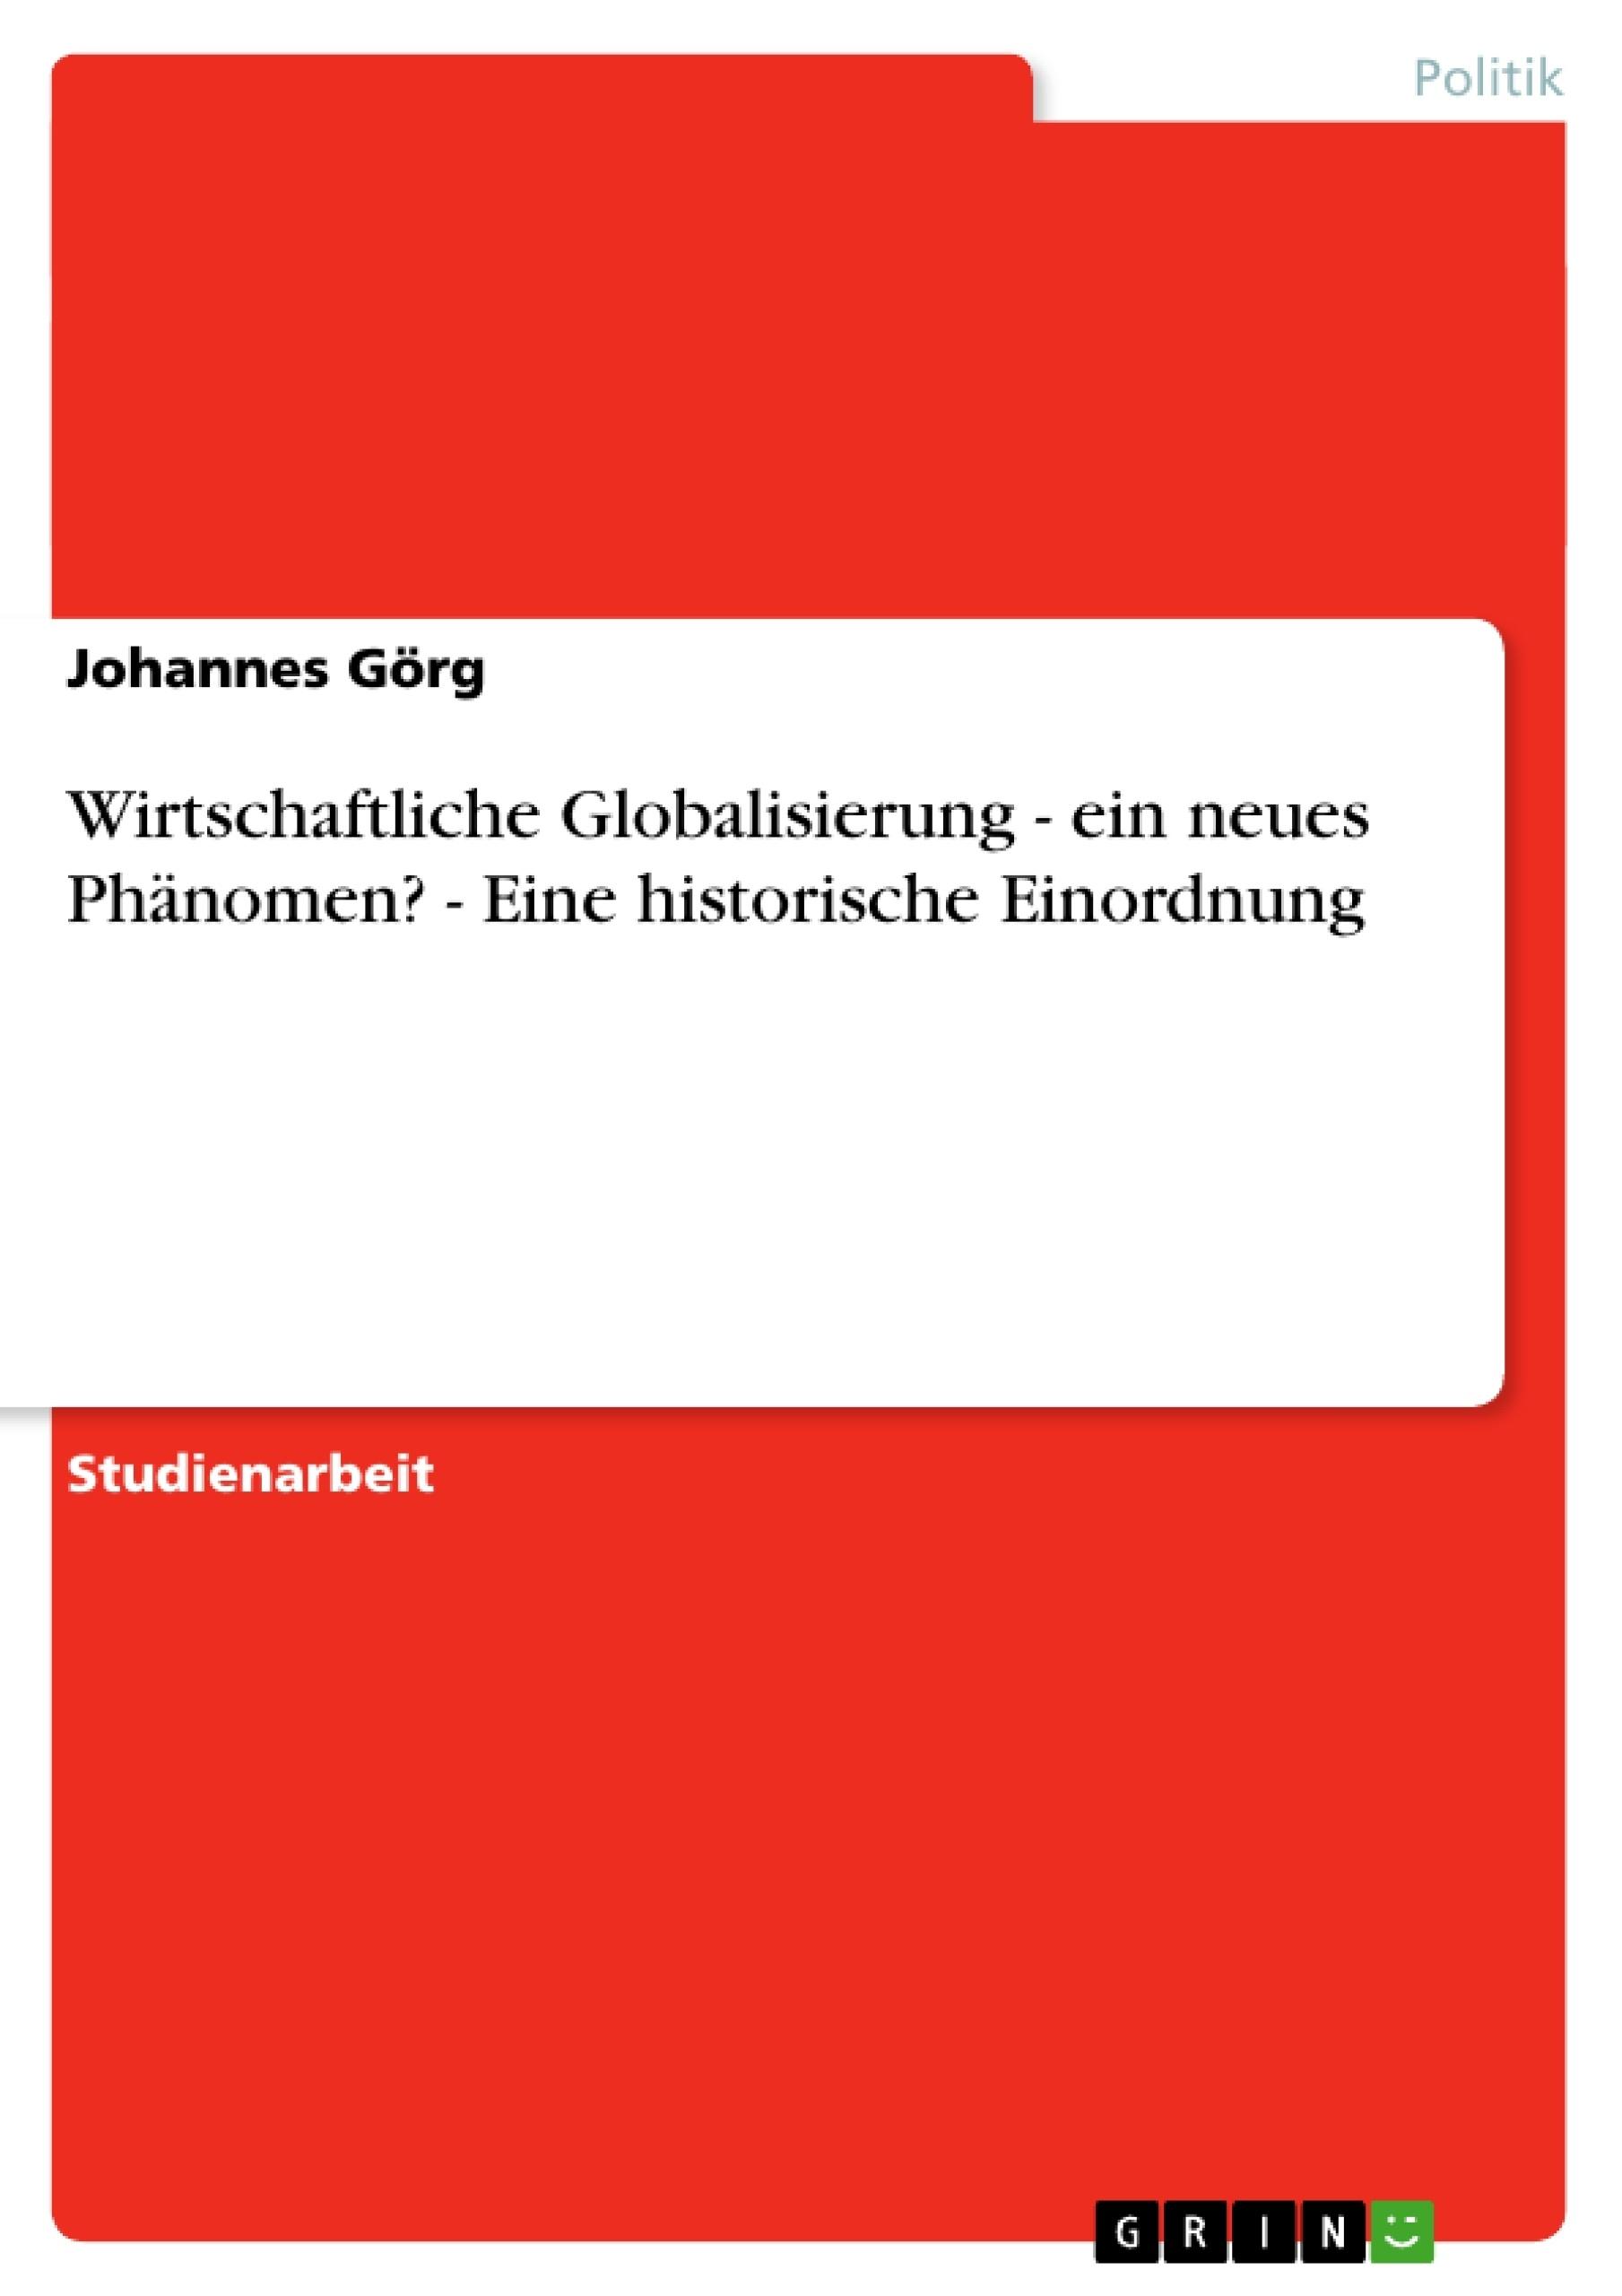 Titel: Wirtschaftliche Globalisierung - ein neues Phänomen? - Eine historische Einordnung